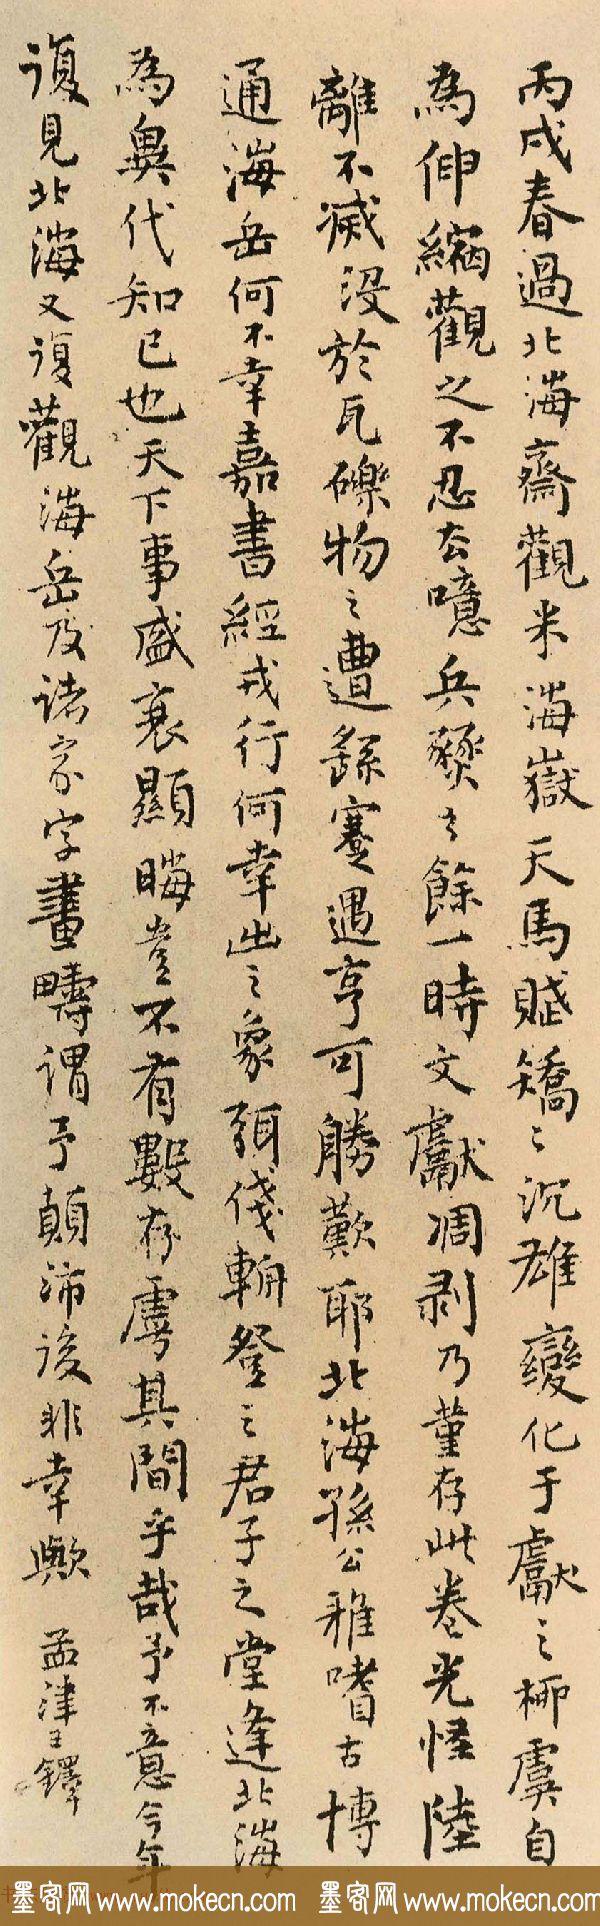 王铎小行楷书法题跋《米芾天马赋》